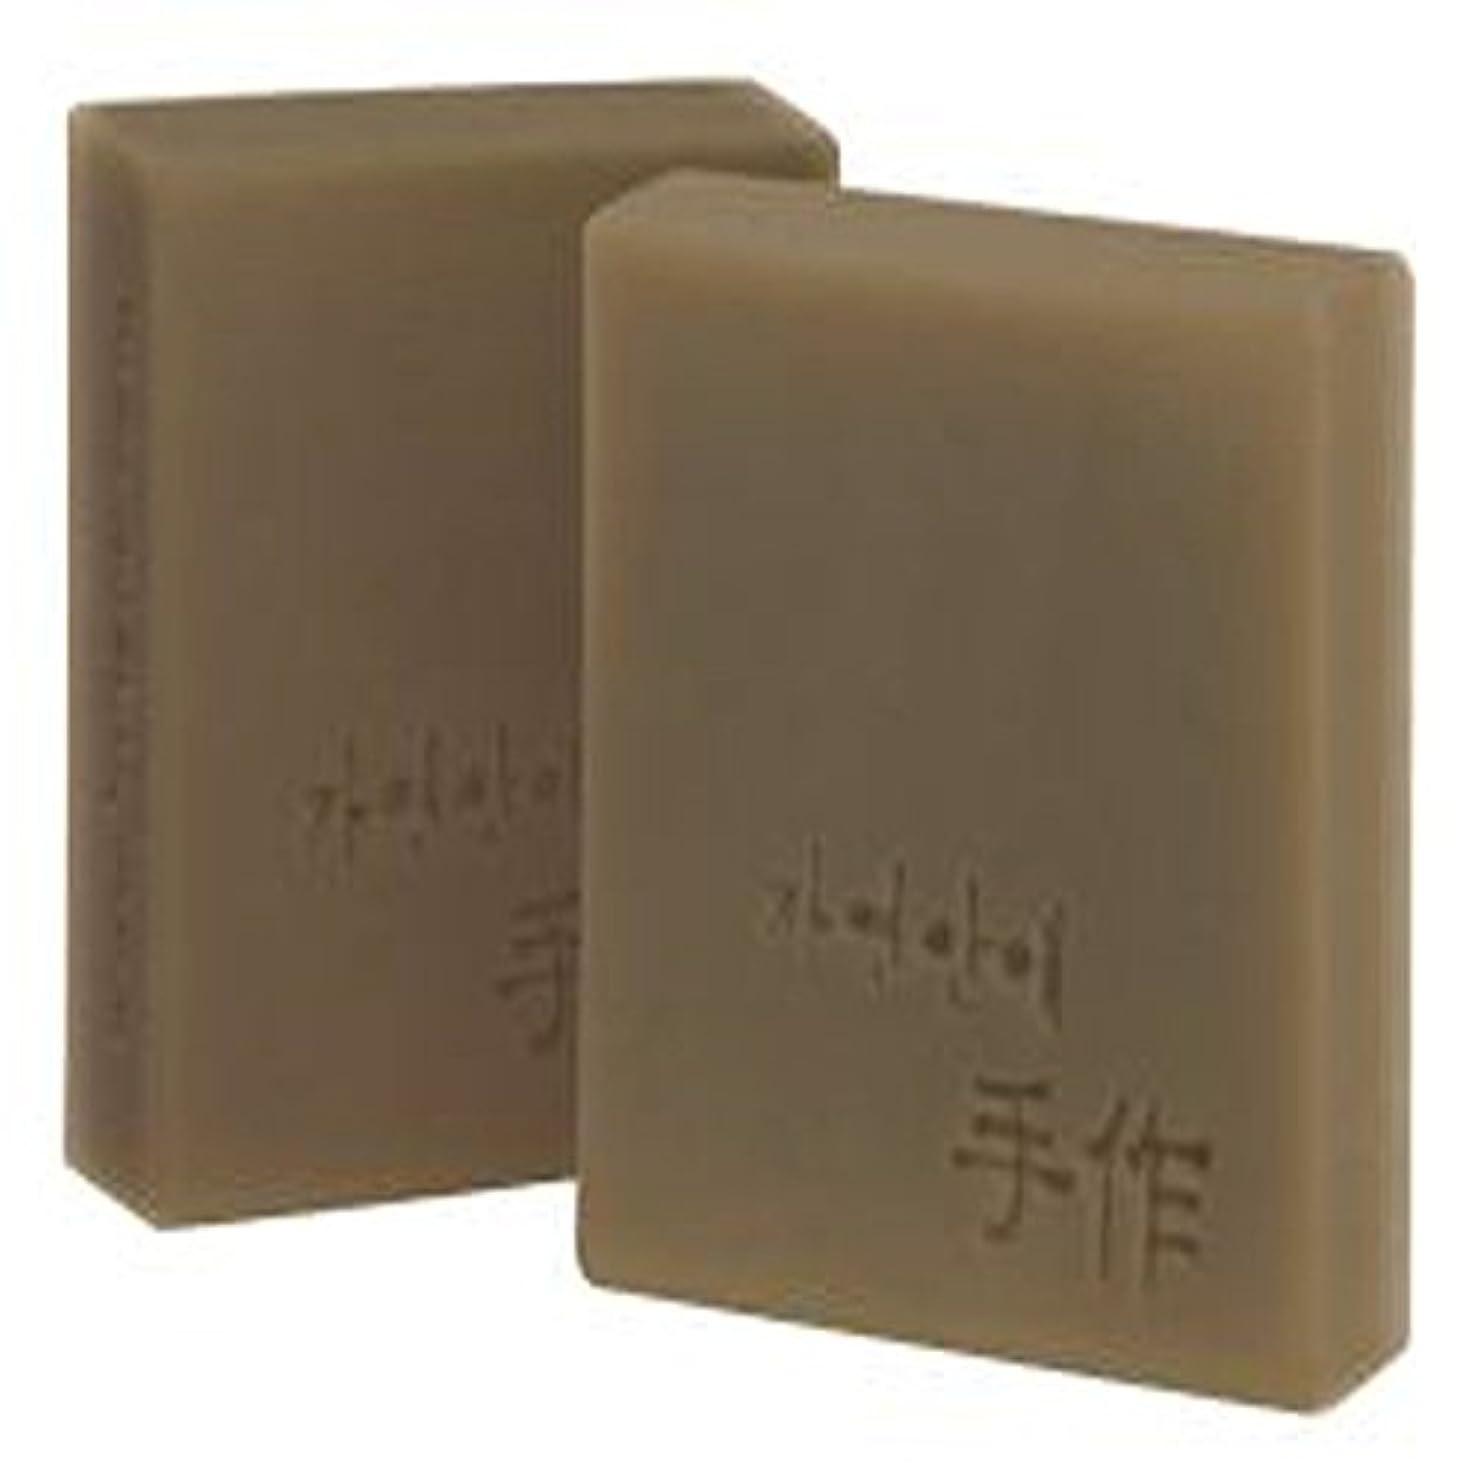 型宣伝トランスミッションNatural organic 有機天然ソープ 固形 無添加 洗顔せっけん [並行輸入品] (紅参)